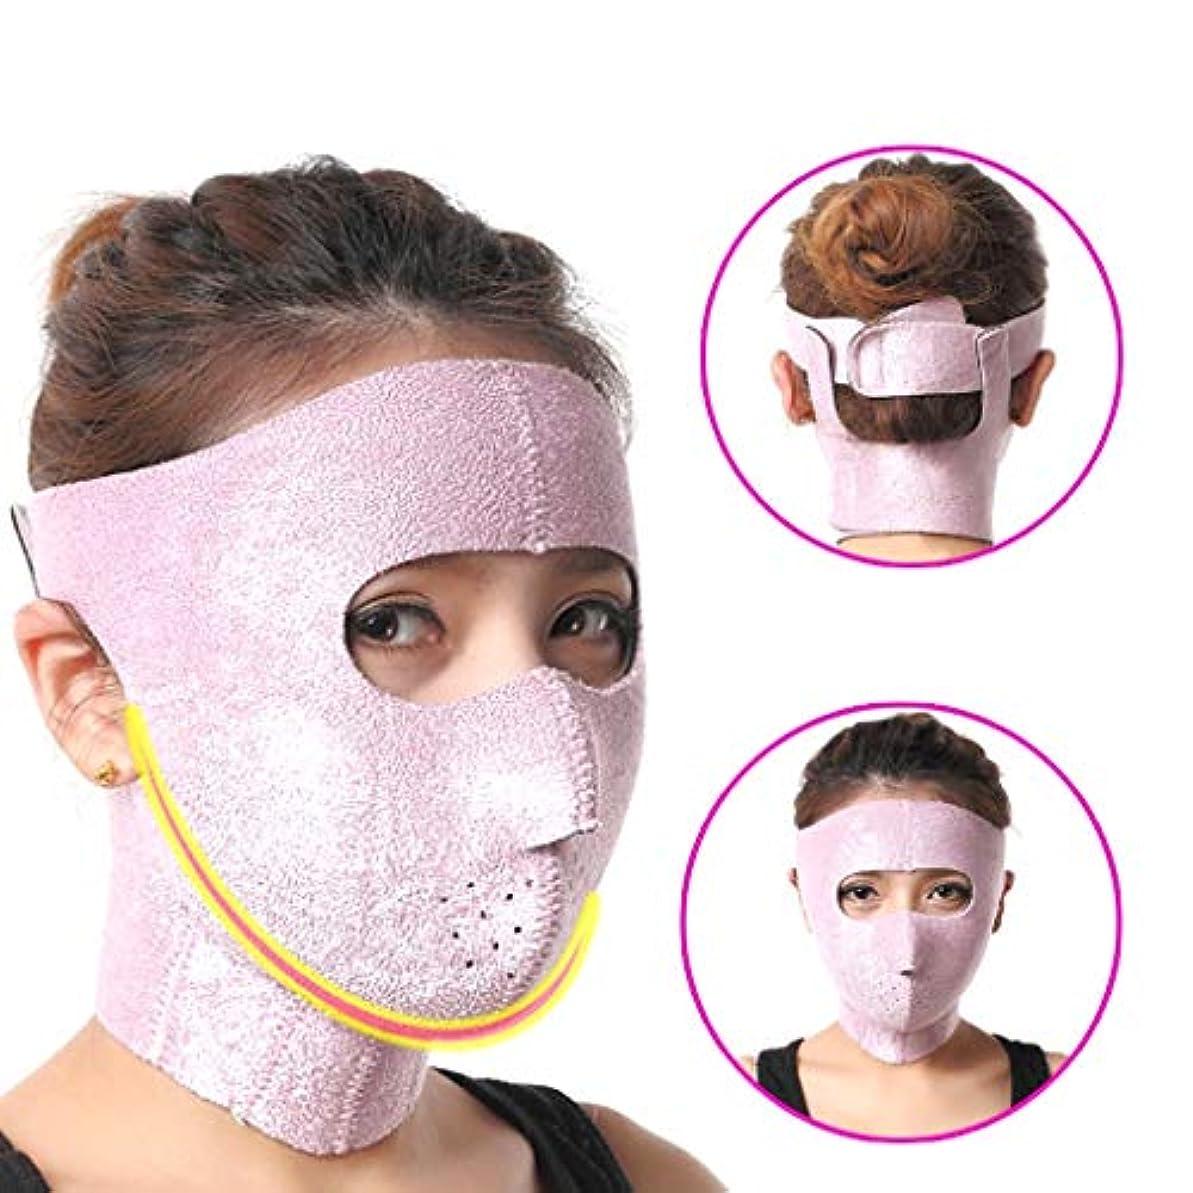 密困難スイス人XHLMRMJ 薄いあご修正ツール、顔リフティングマスク、リフティングファーミング、Vフェイシャルマスク、改良された咬筋二重あご、男性と女性の両方に適しています